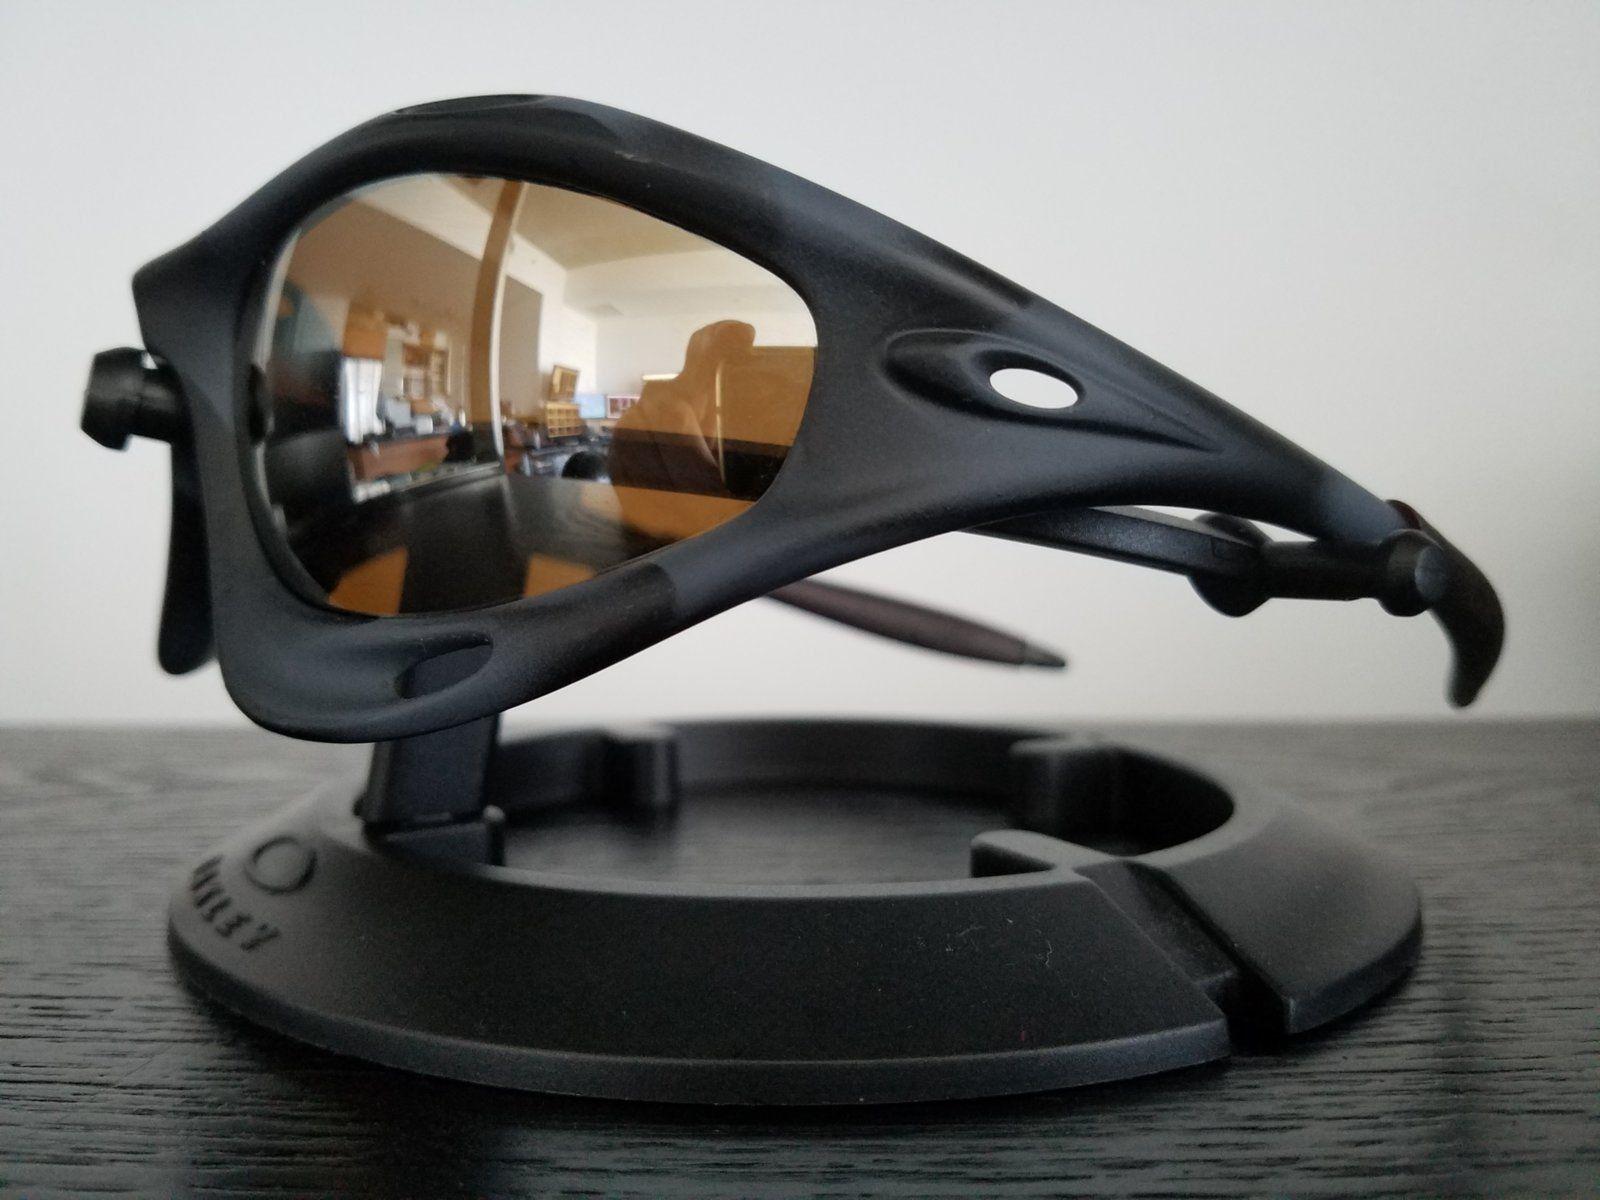 16 Best Of Oakley Wind Jacket Sunglasses Smart Ideas